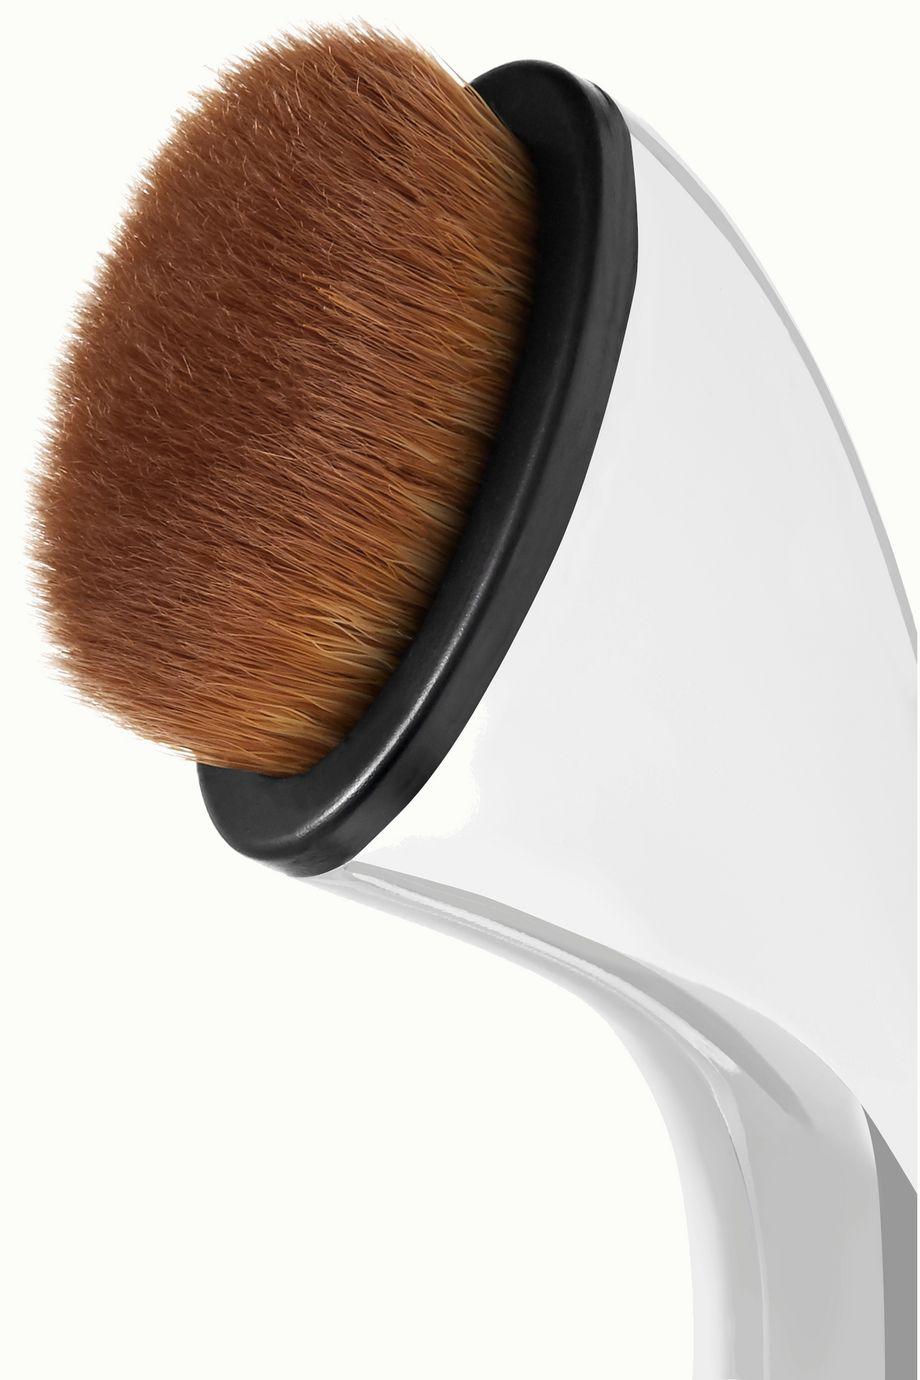 Artis Brush Fluenta Oval 3 Brush – Make-up-Bürstchen